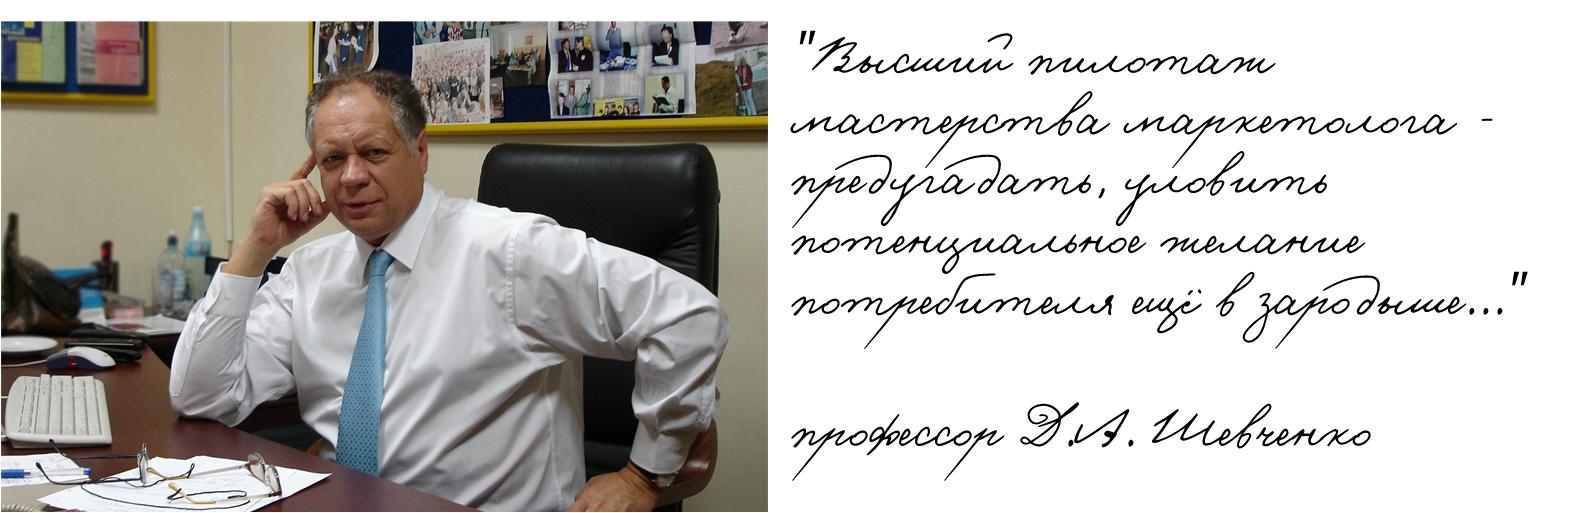 Личный блог профессора Шевченко Дмитрия Анатольевича